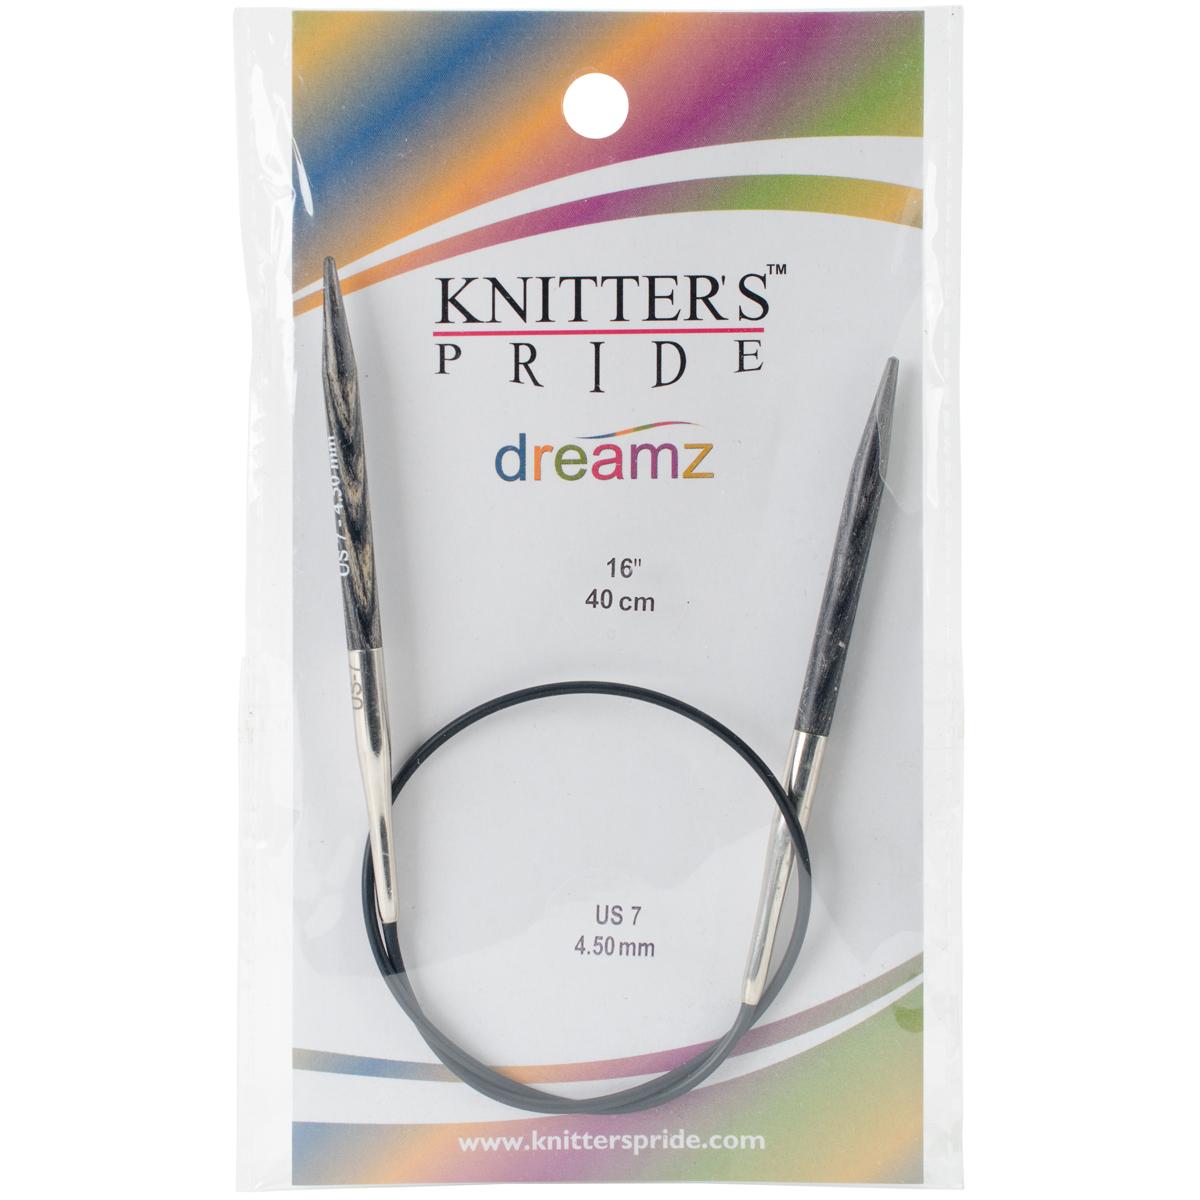 Kpride Dreamz 16 US 7